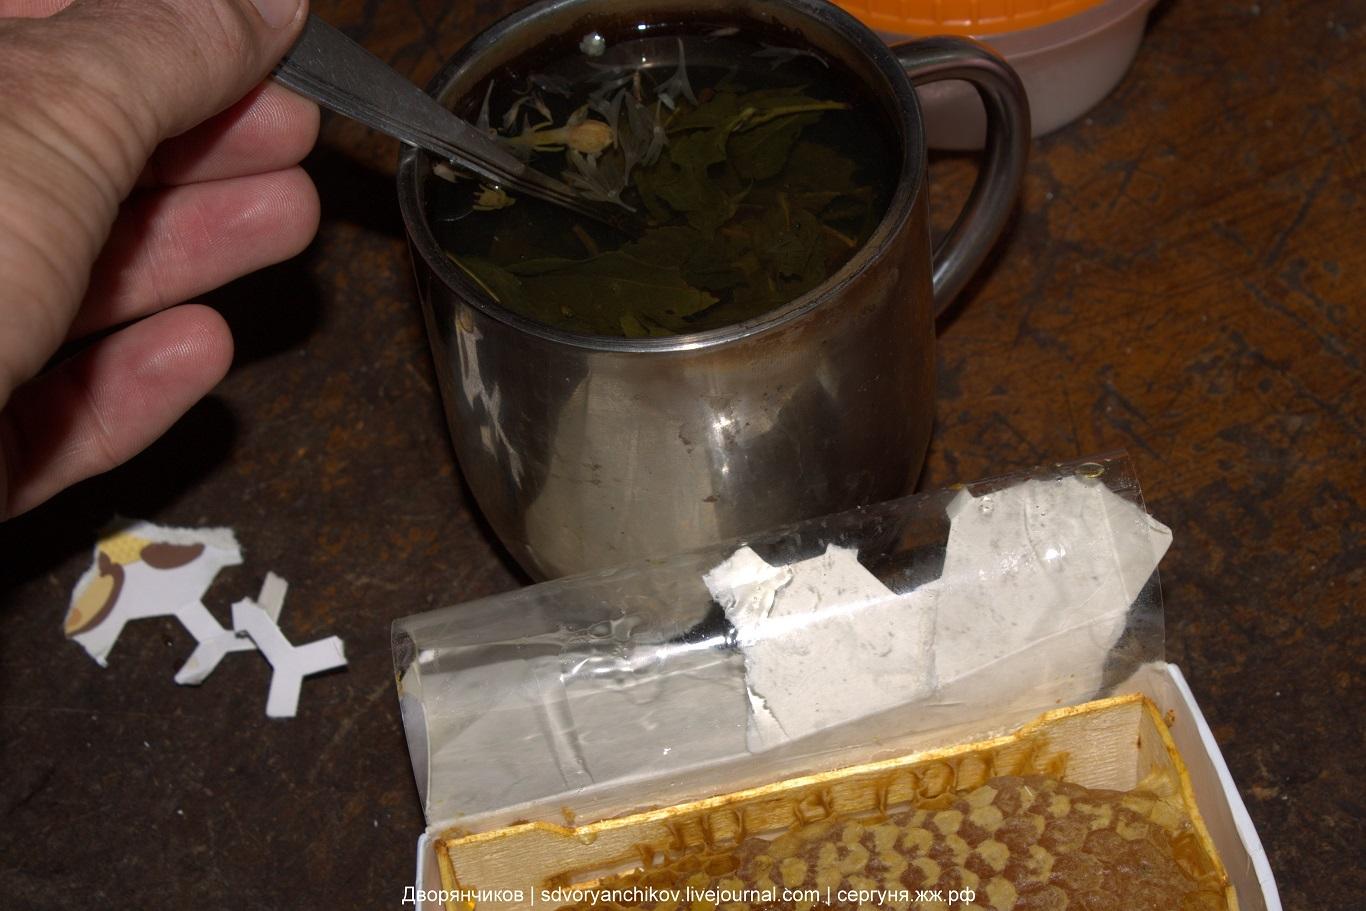 Чай с васильками розами и мёд в сотах